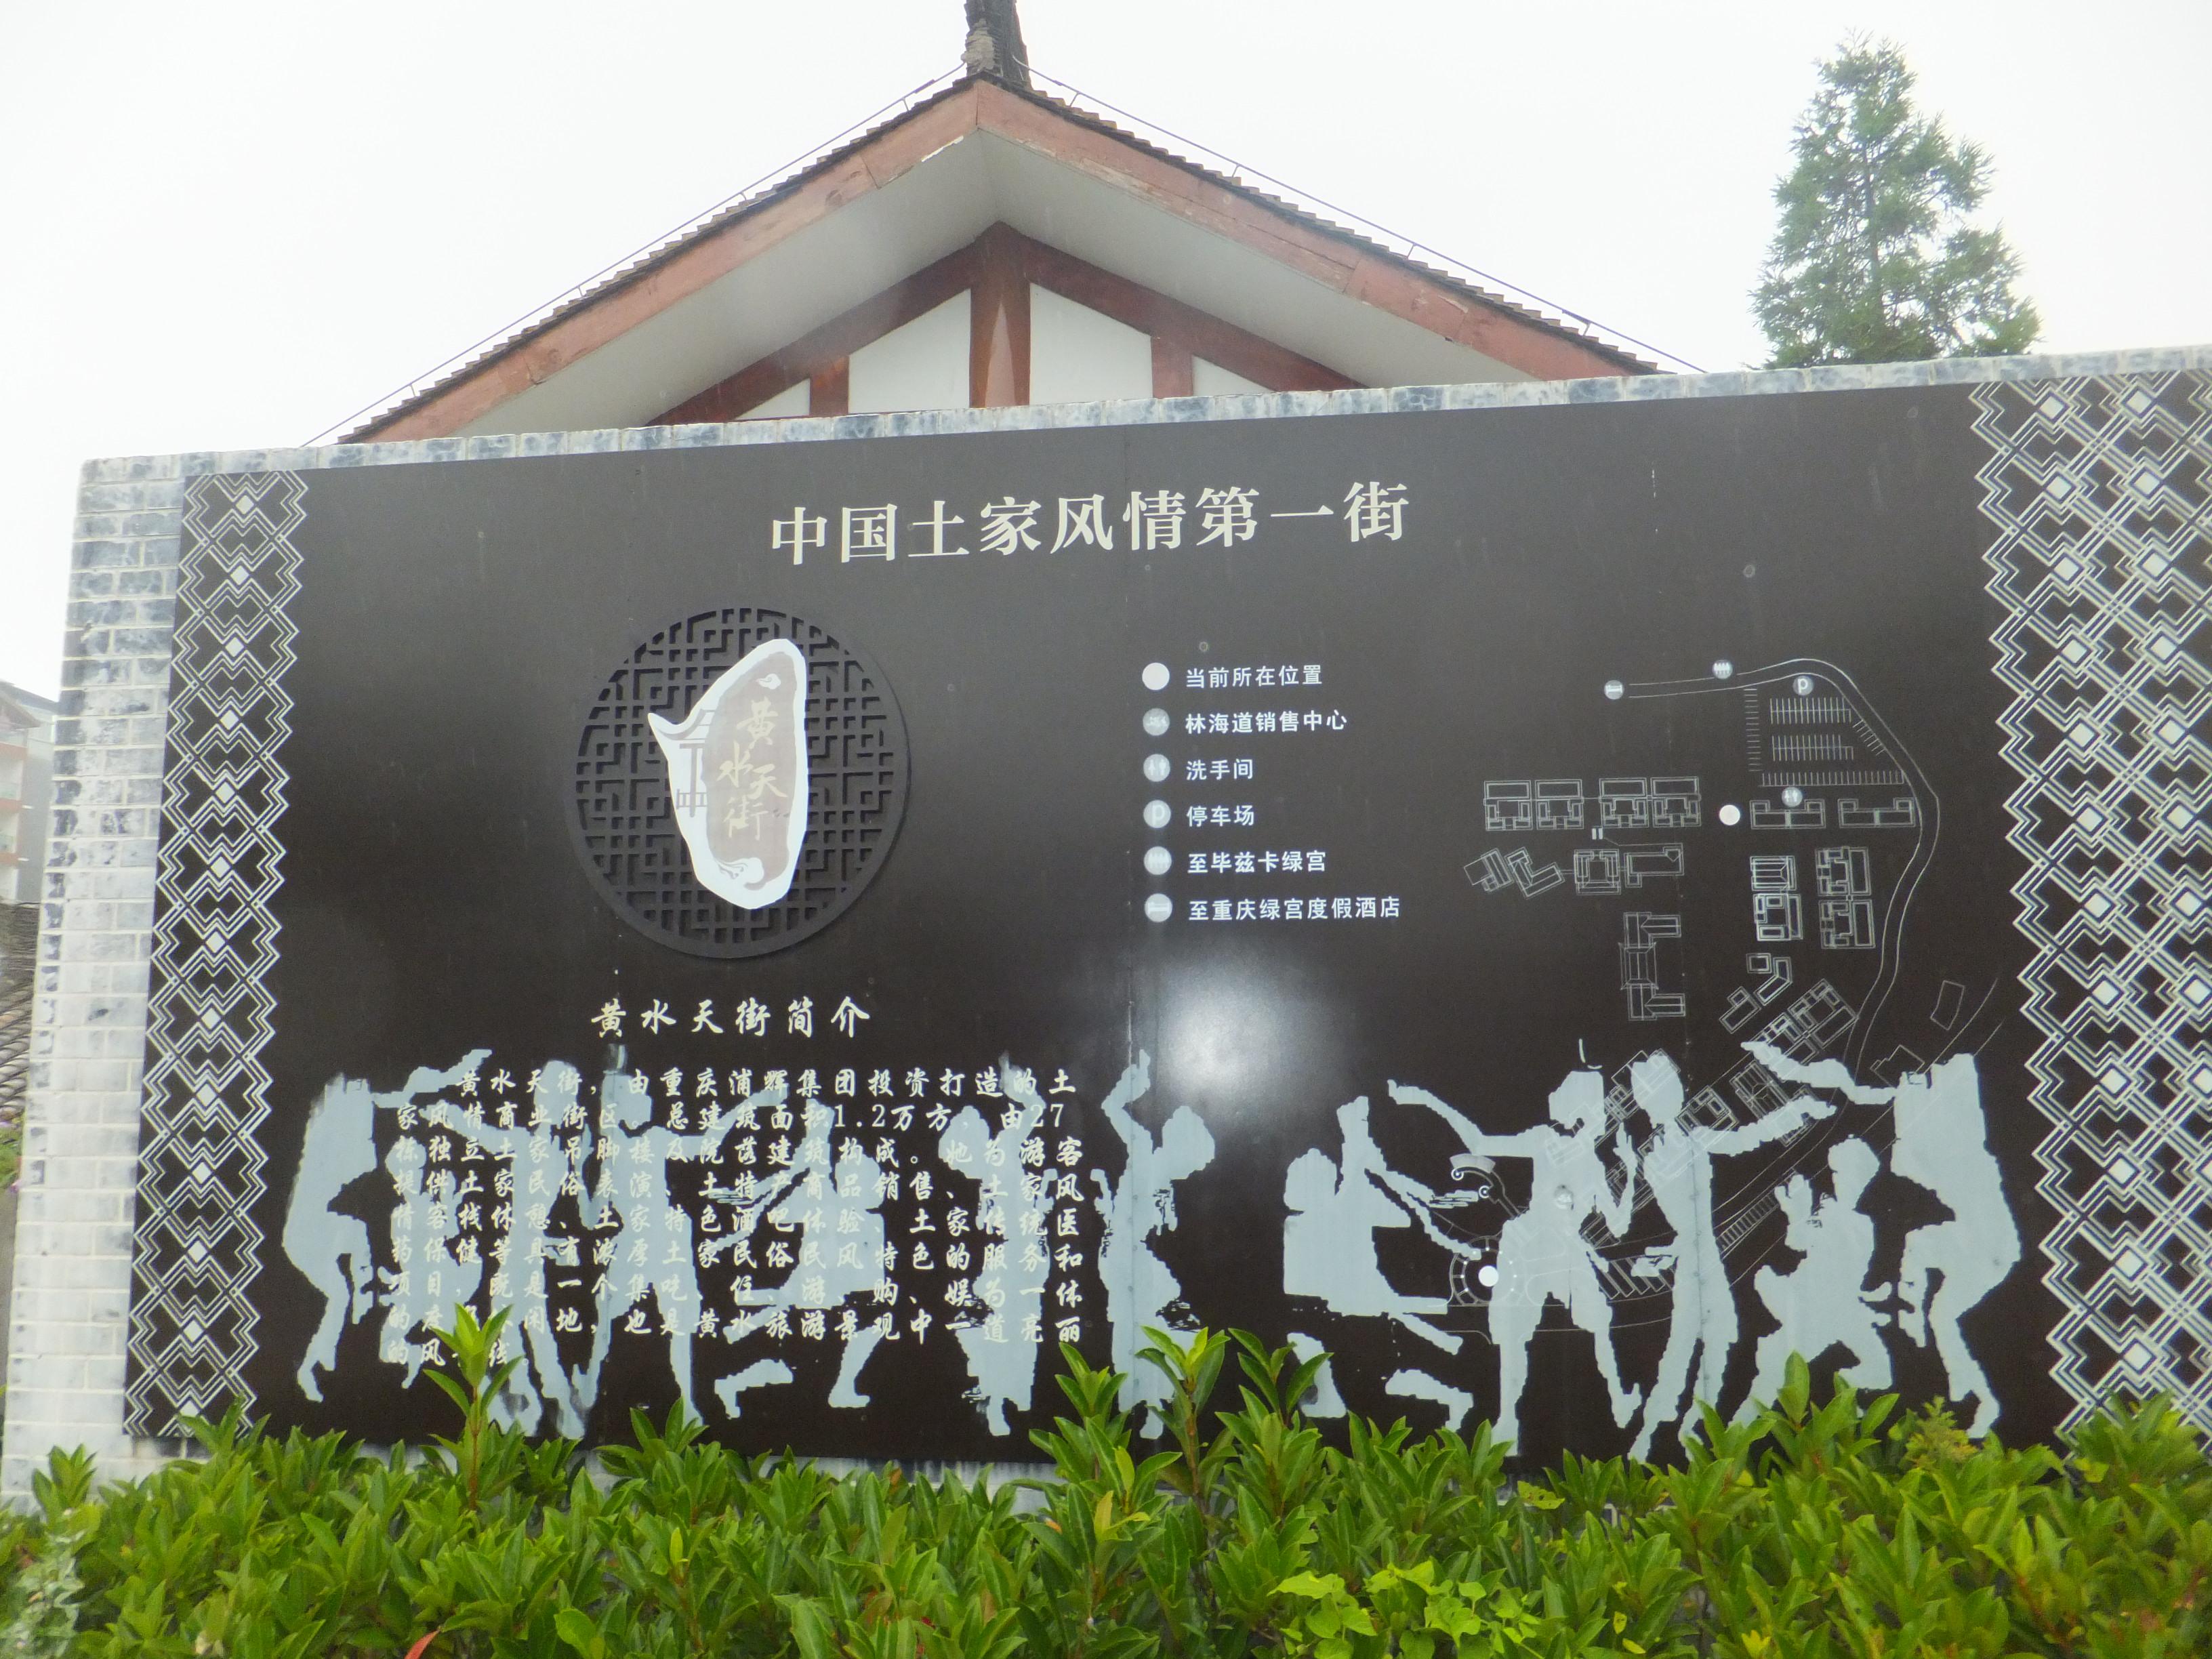 重庆石柱土家族自治县黄水镇运视频游戏粮食玩法图片